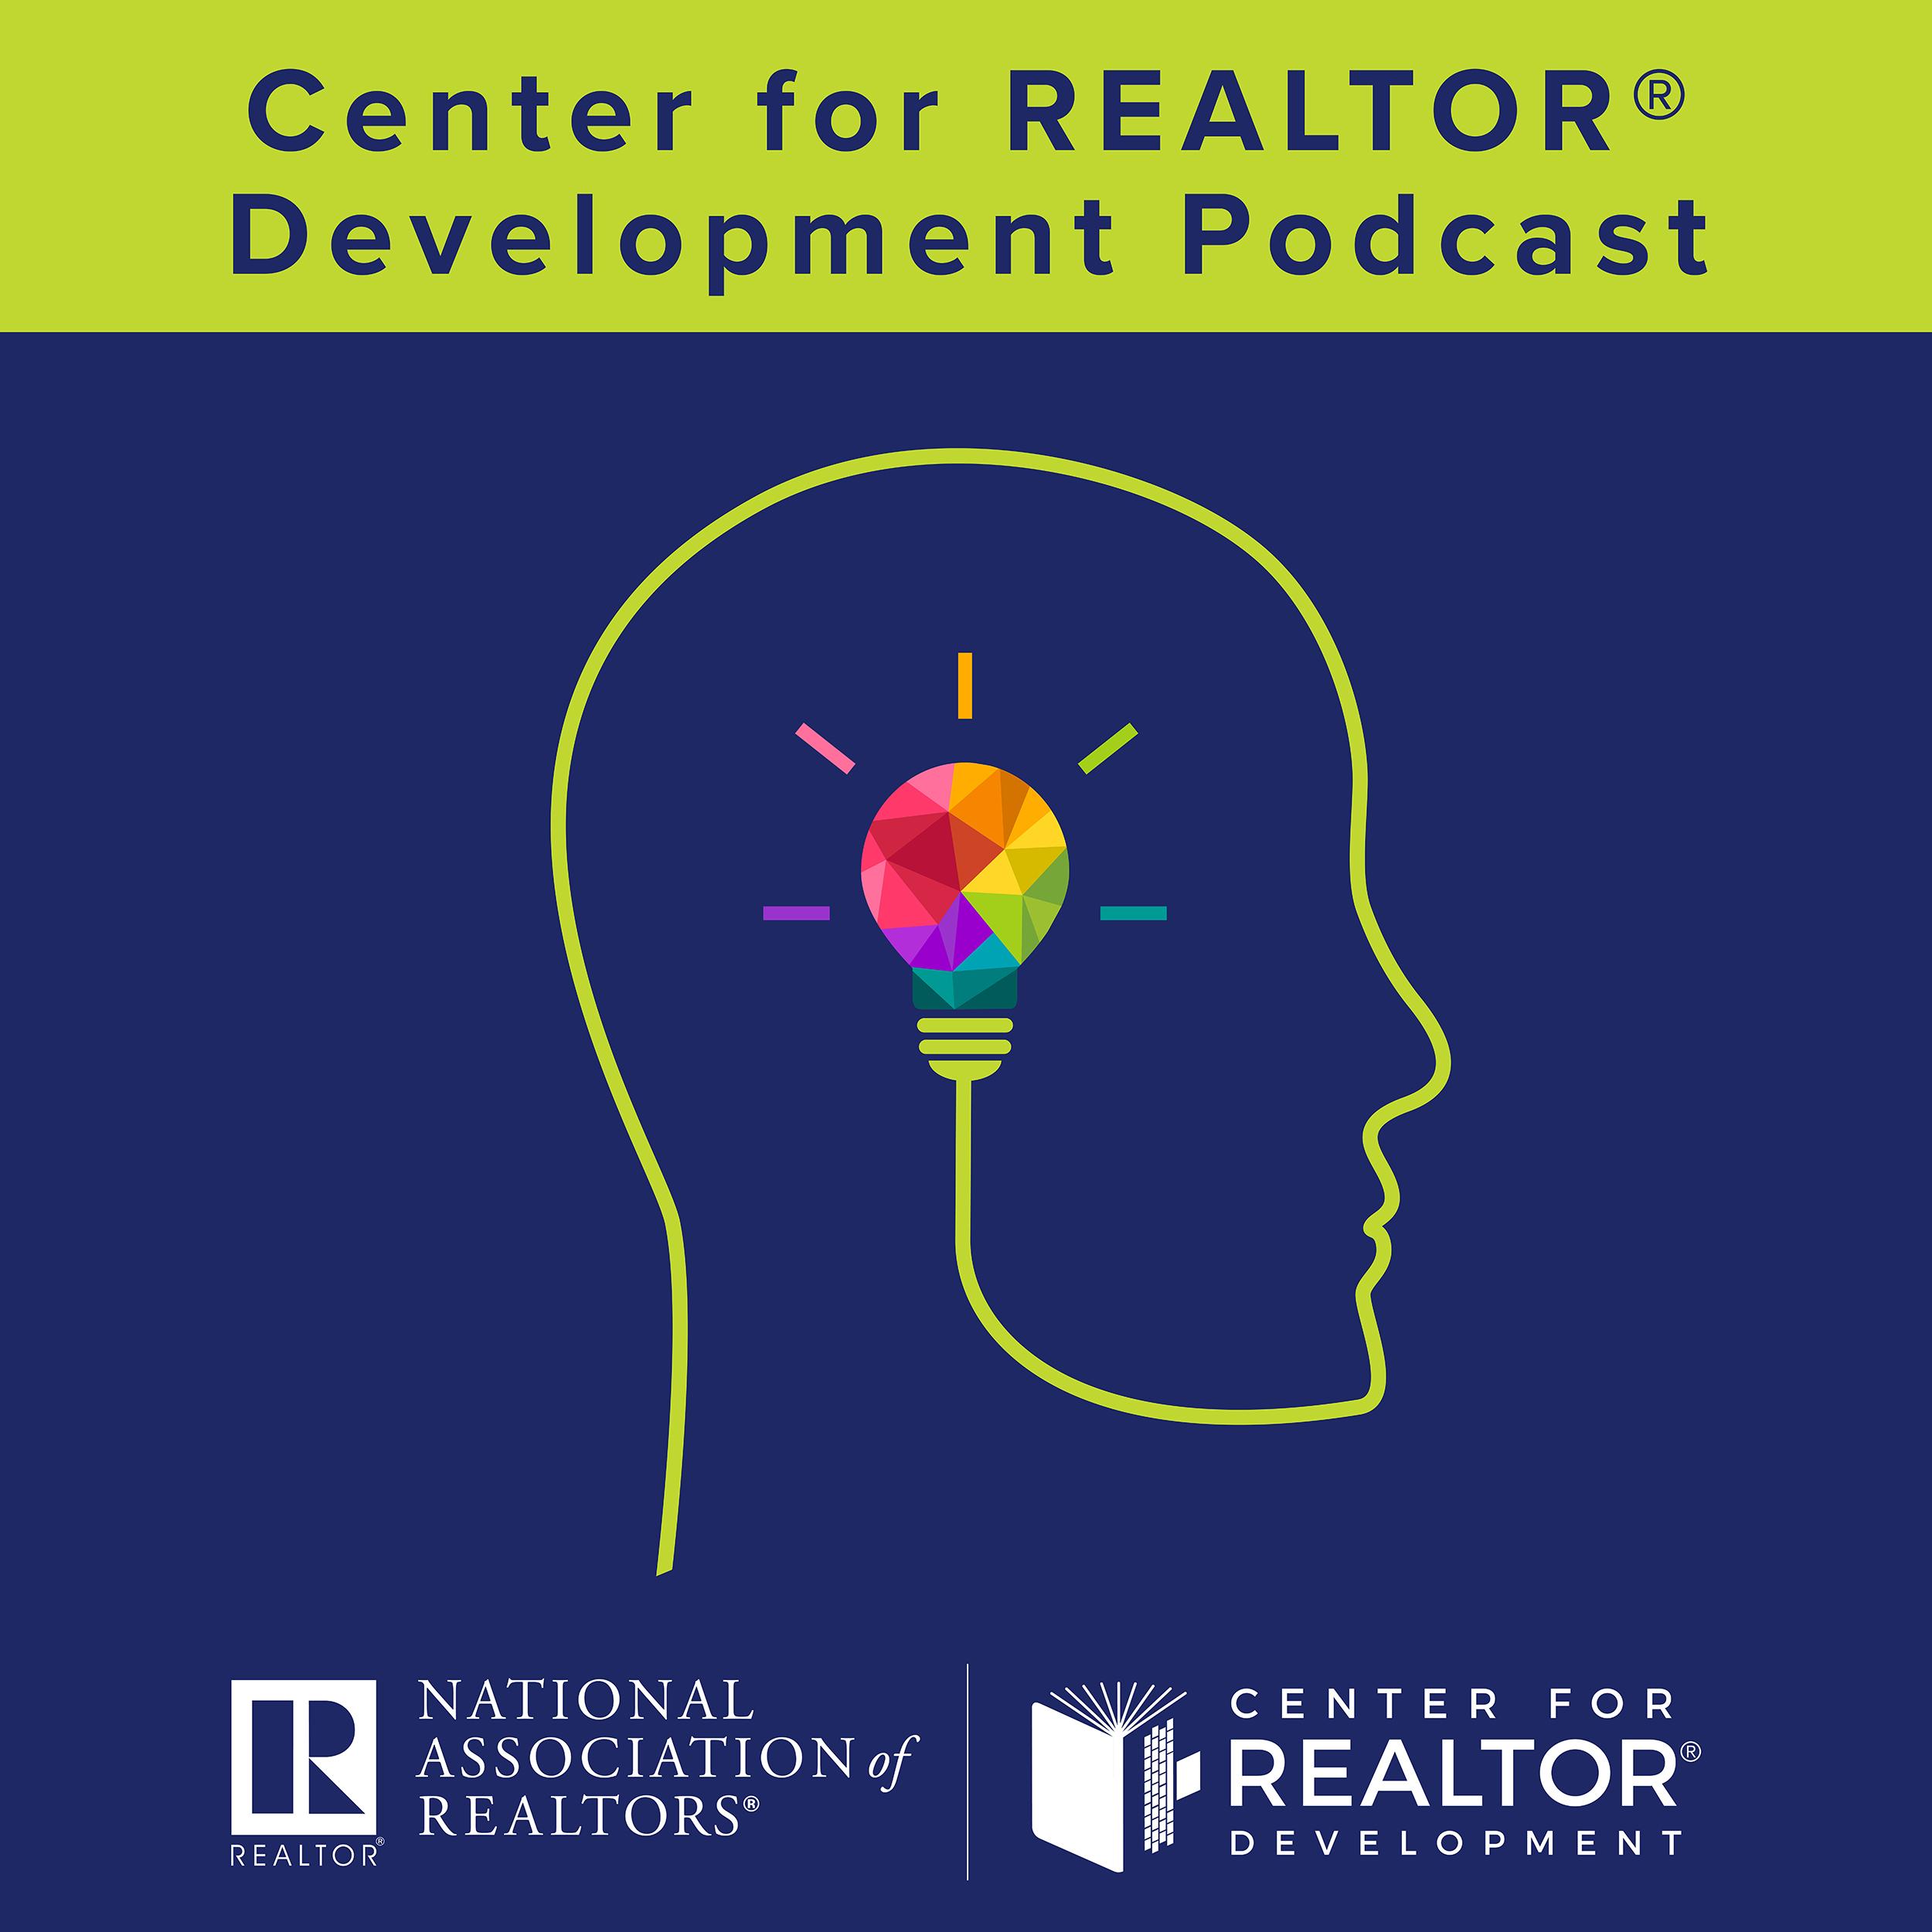 NAR's Center for REALTOR® Development